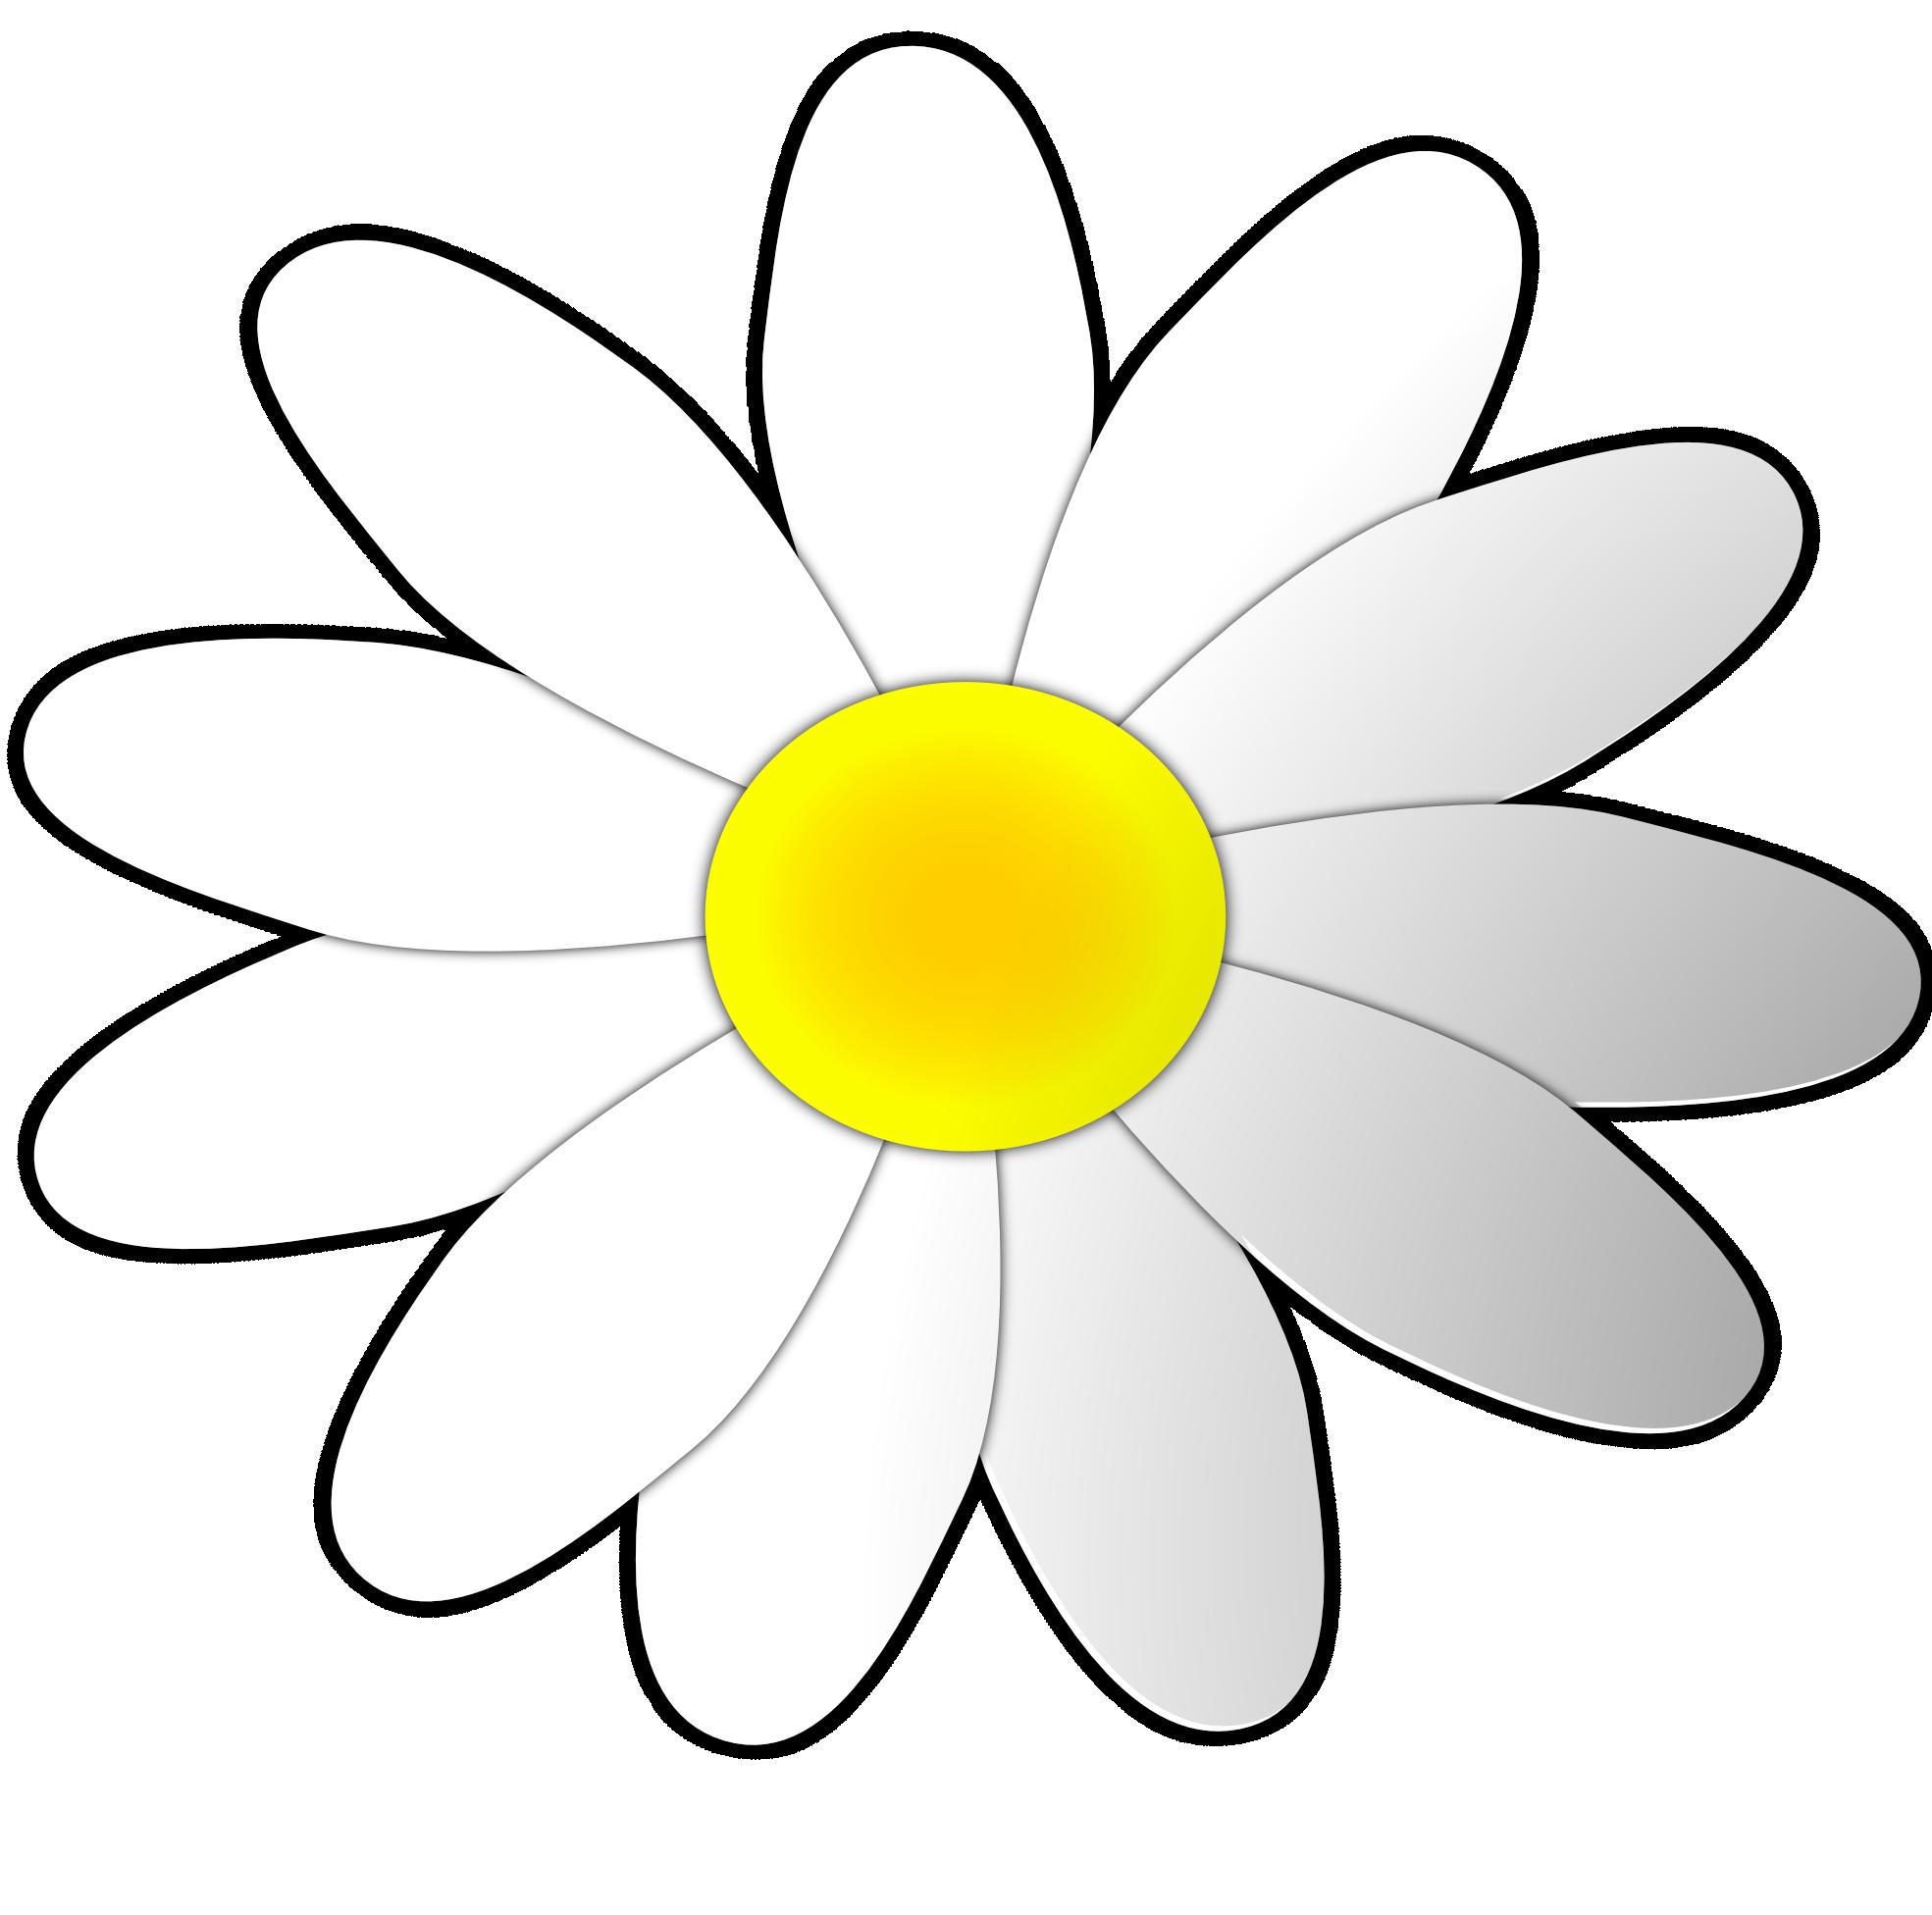 Cartoon Daisy Flower - ClipArt Best White Daisy Flowers Clipart